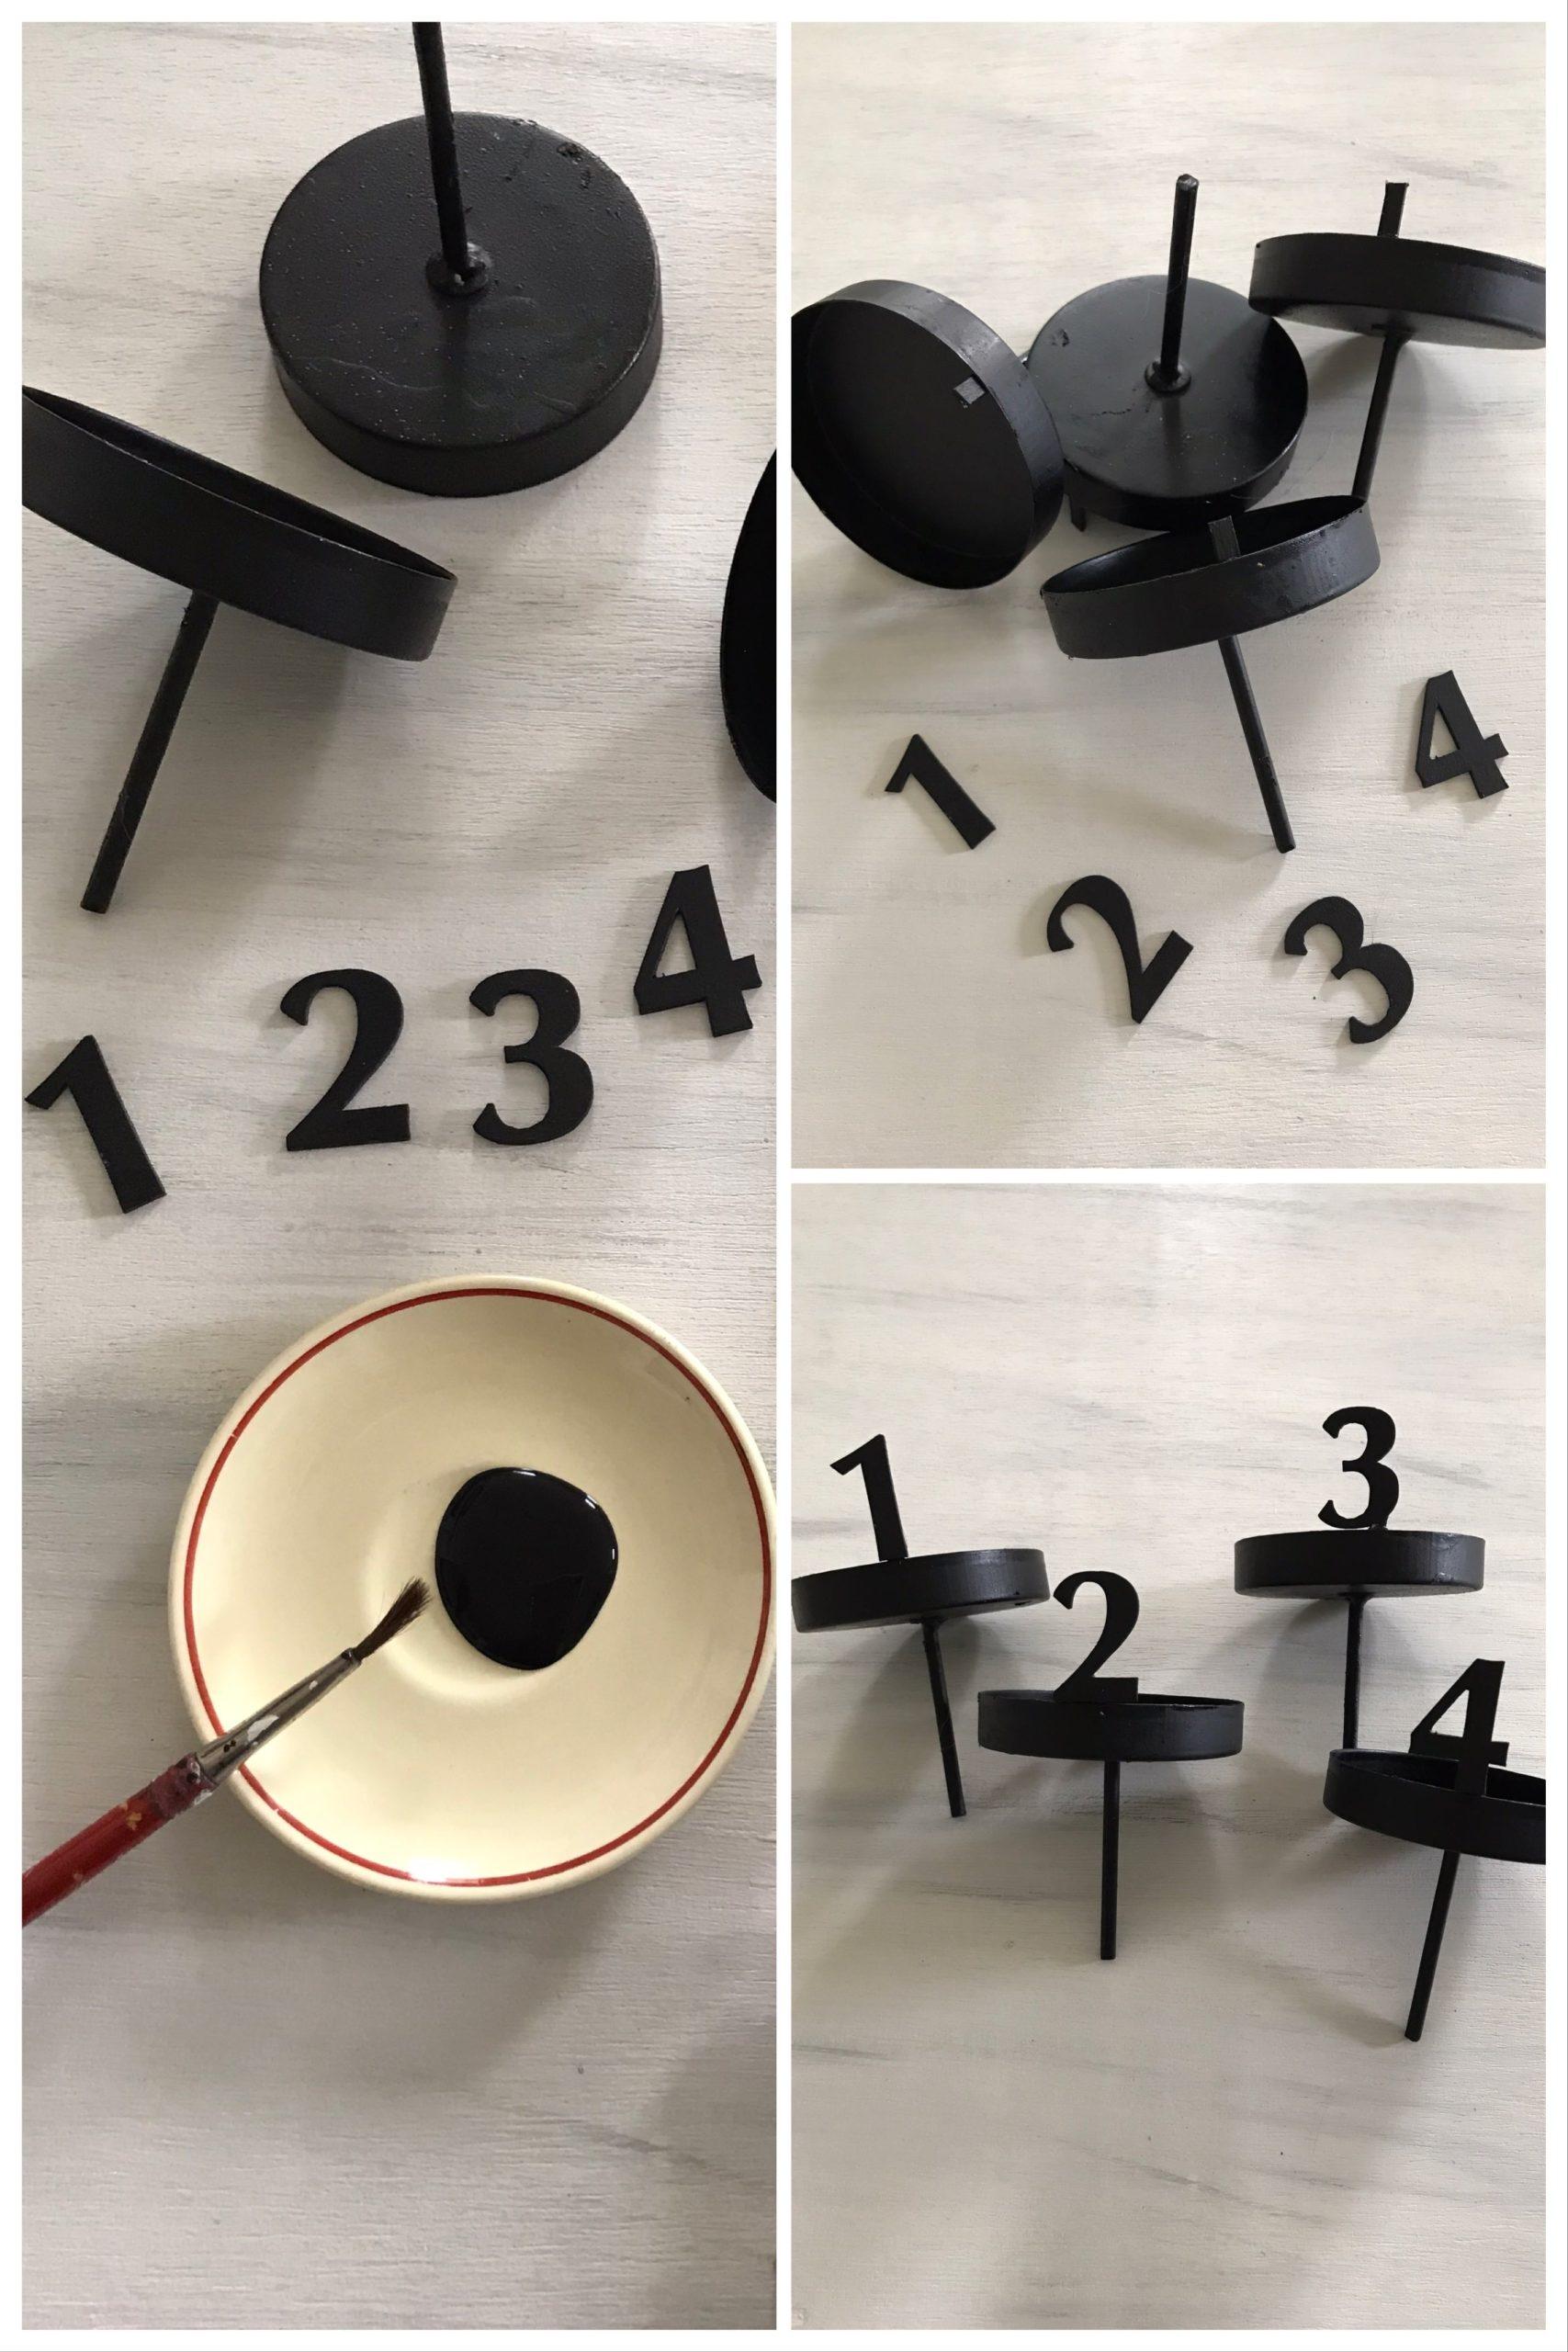 DIY Adventskranz: Kerzenstecker mit Zahlen basteln #chalet8 #adventskranz #advent #trockenblumen #moderneradvent